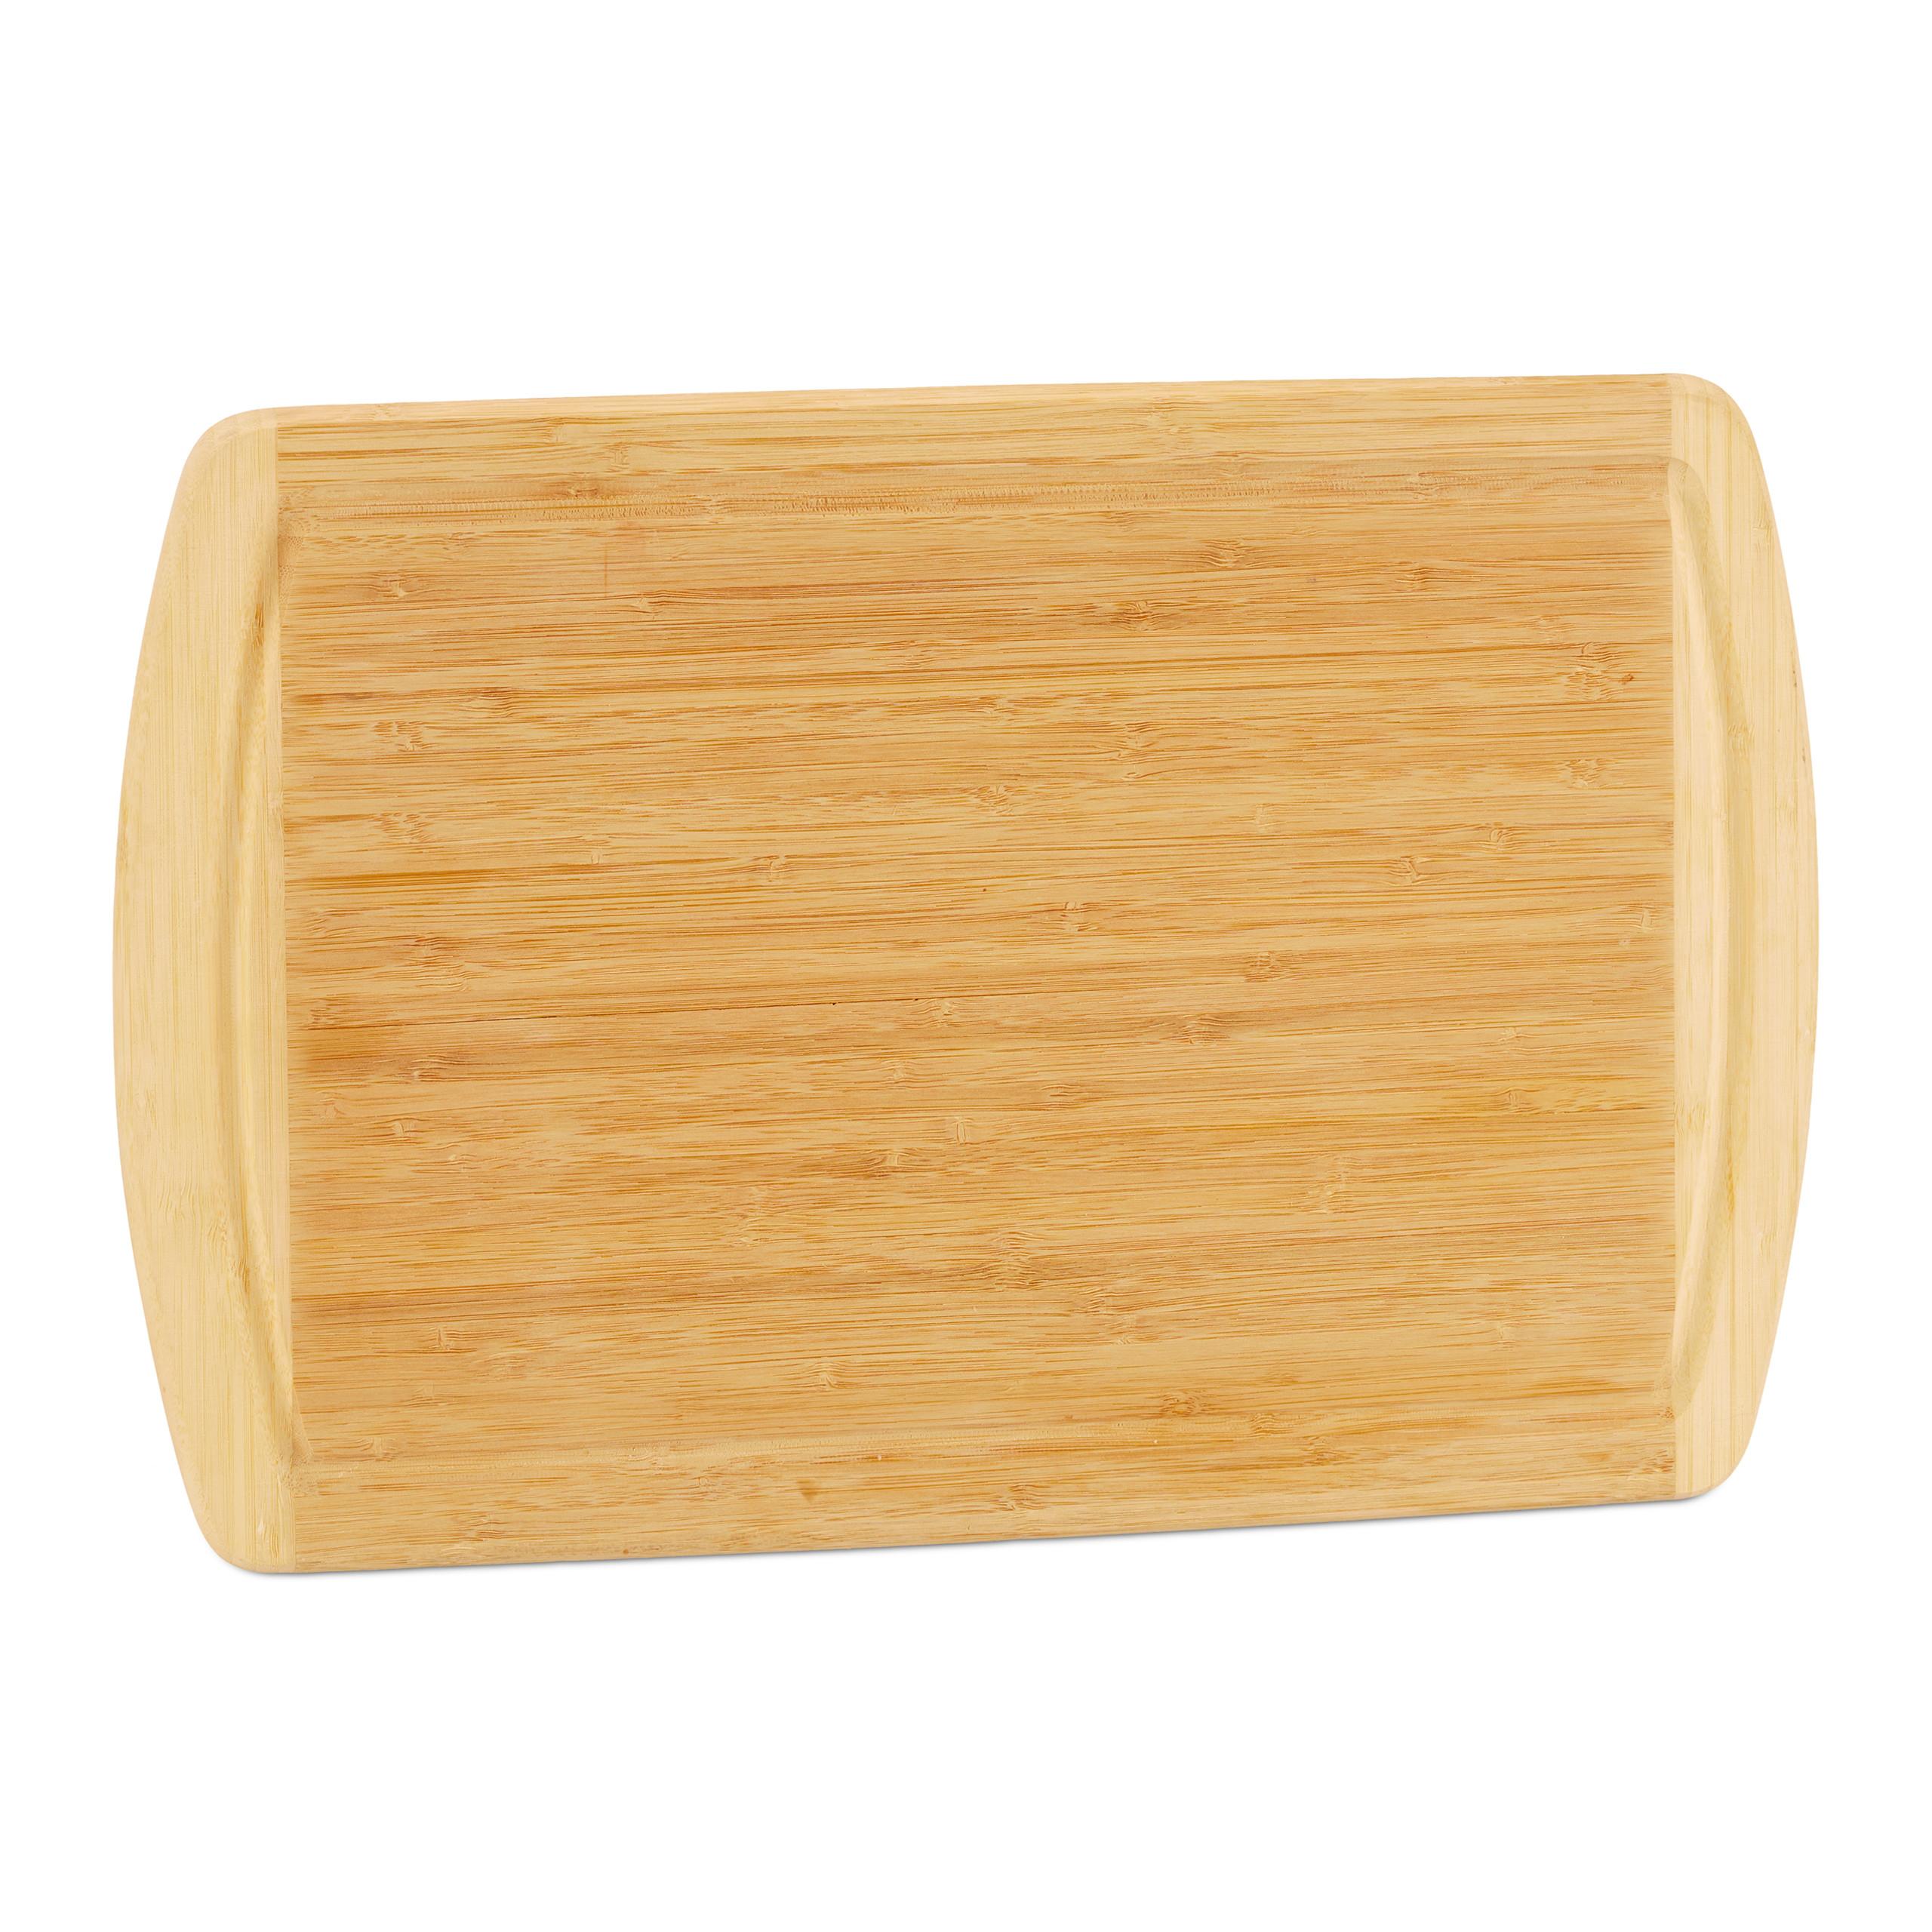 Tabla-de-cocina-Bambu-Tabla-de-cortar-pan-o-carne-Grande-Tabla-para-servir